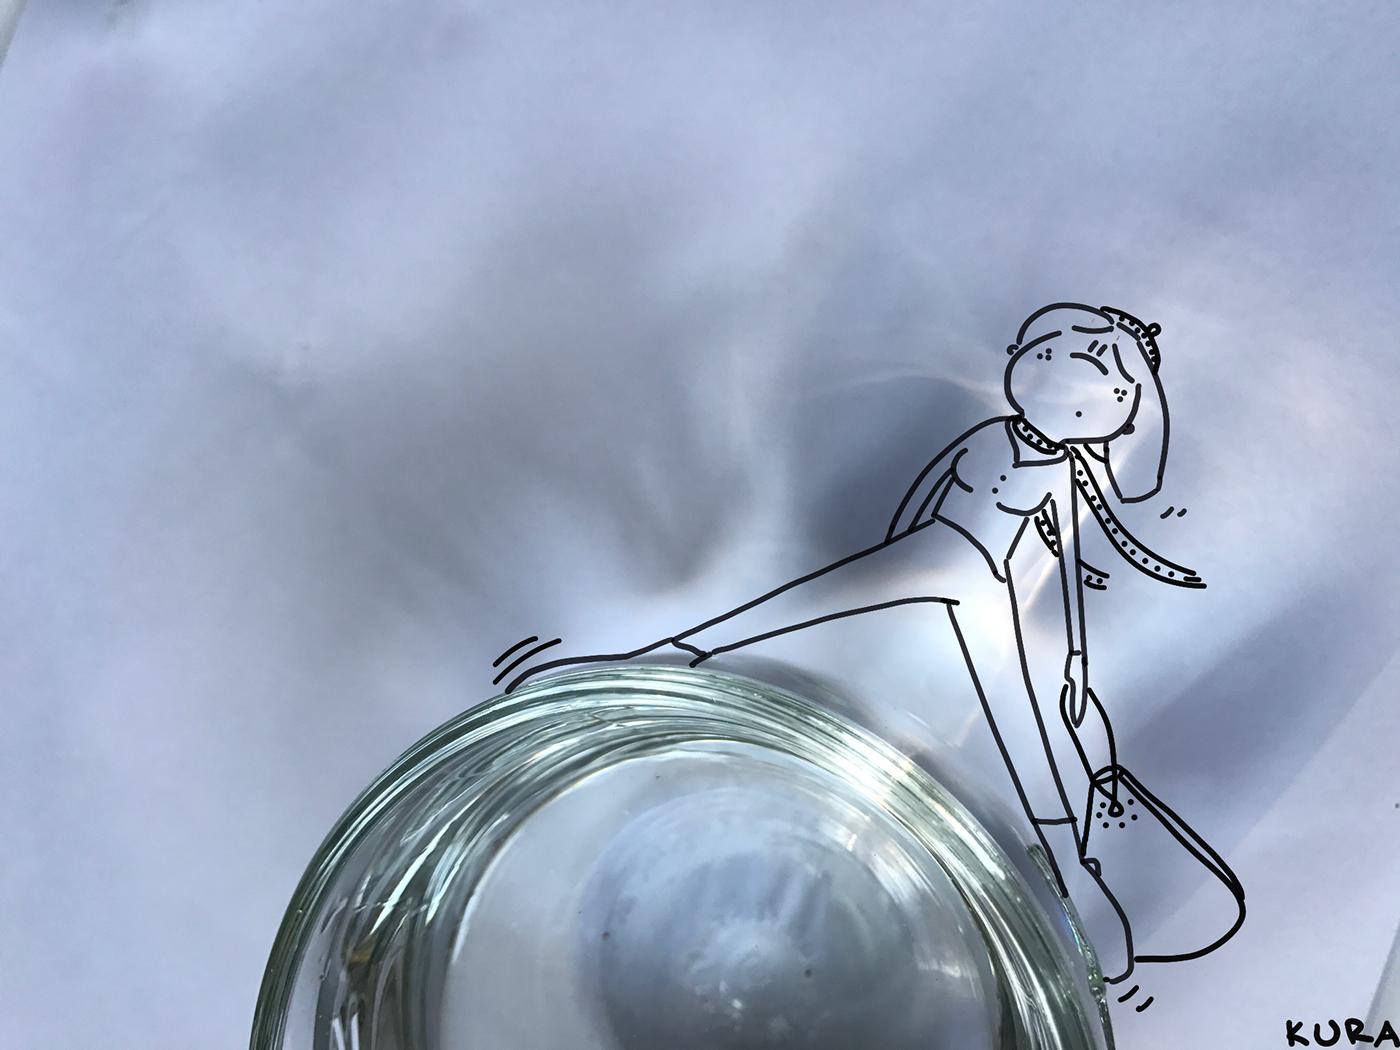 Рисунки с предметами / работы Miriola Dzik